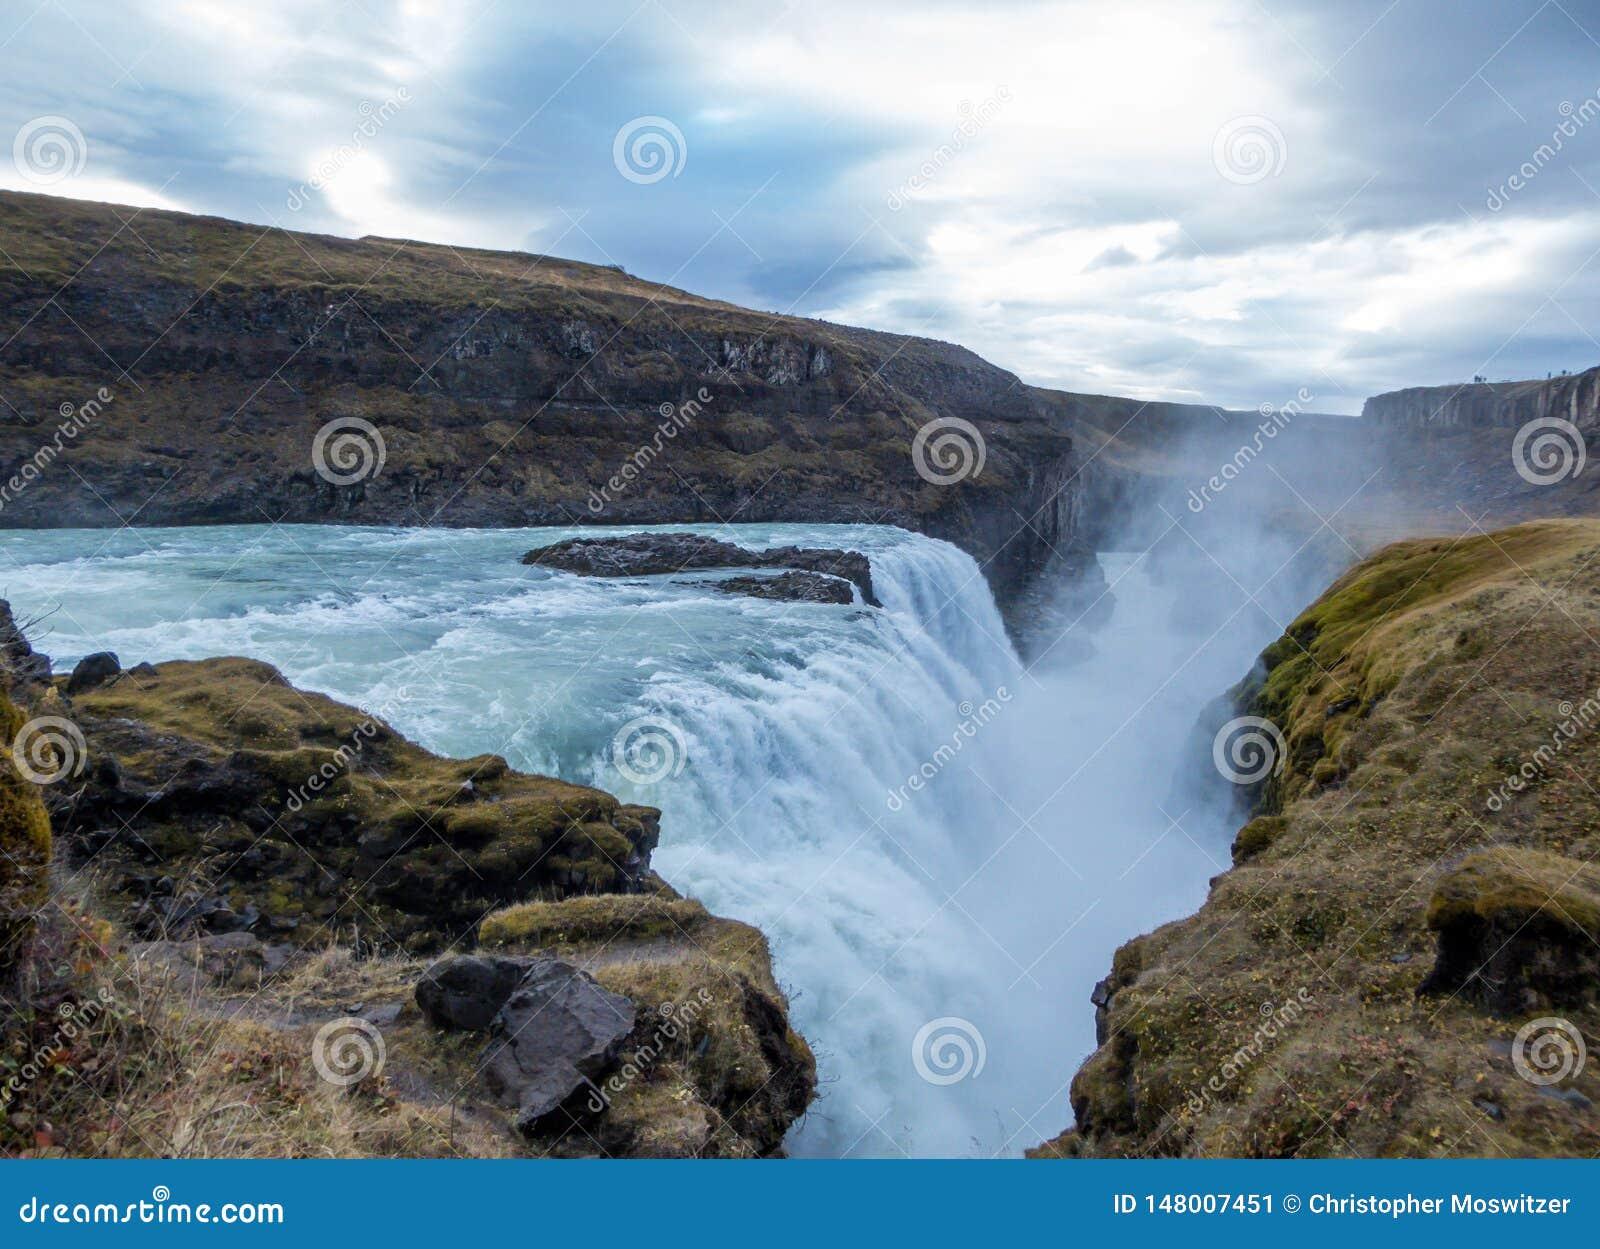 Ισλανδία - δυνατό Gulfoss